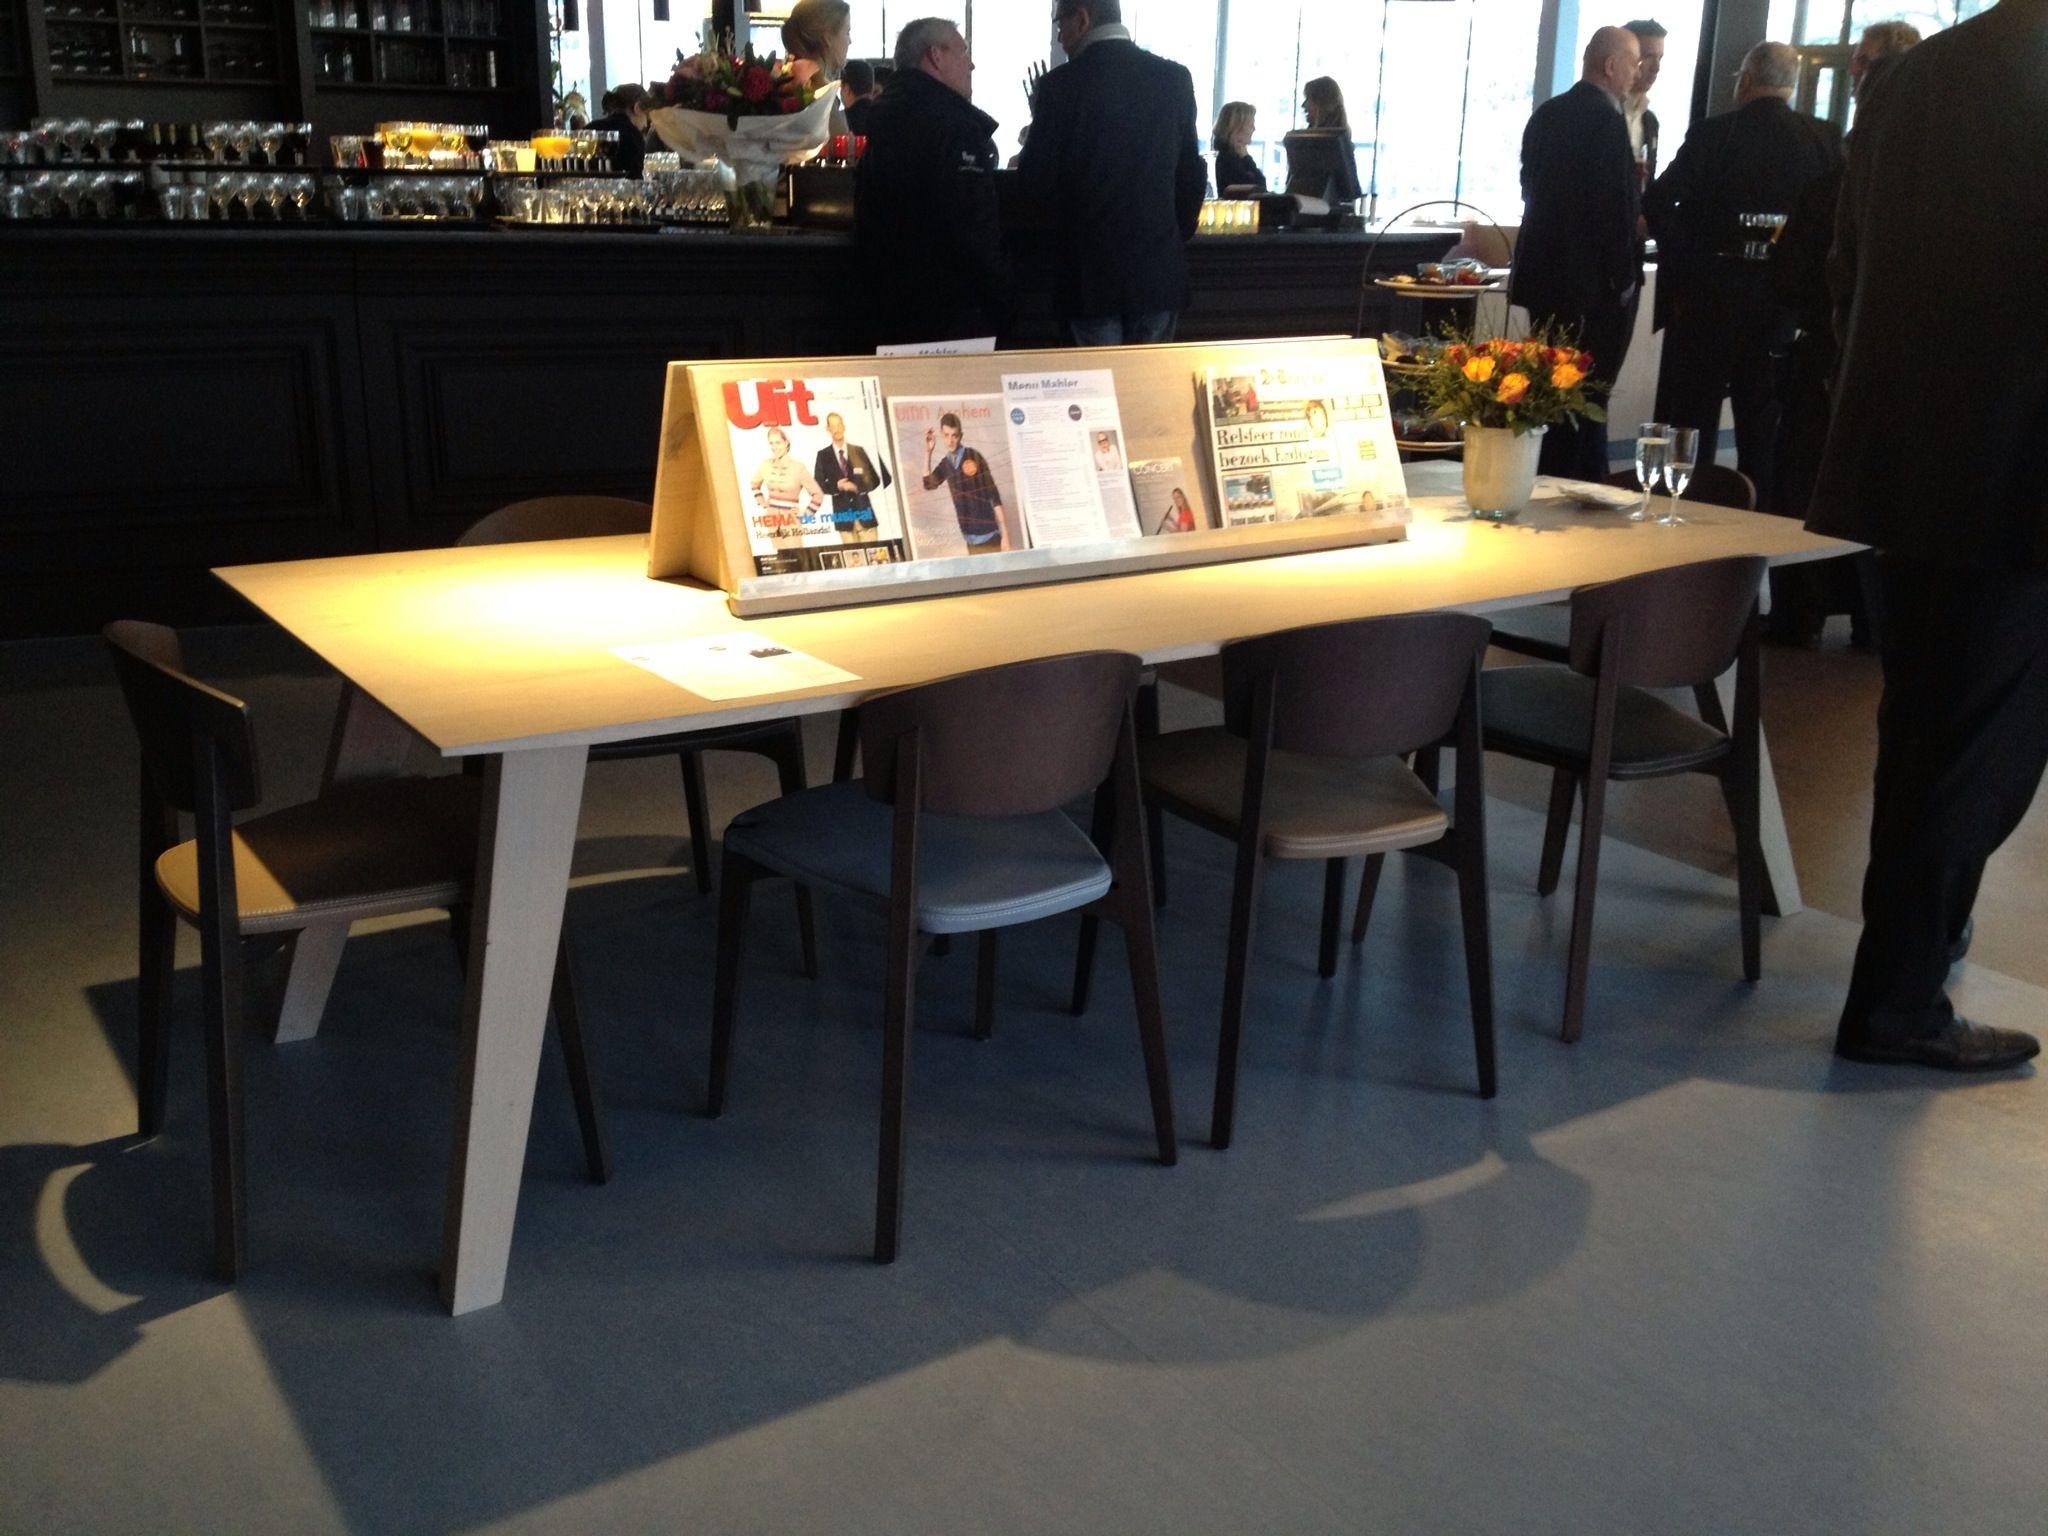 Ontwerp leestafel ontwerp leestafel en statafels pinterest ontwerp eethoek en boerderij - Eettafel houten ontwerp ...